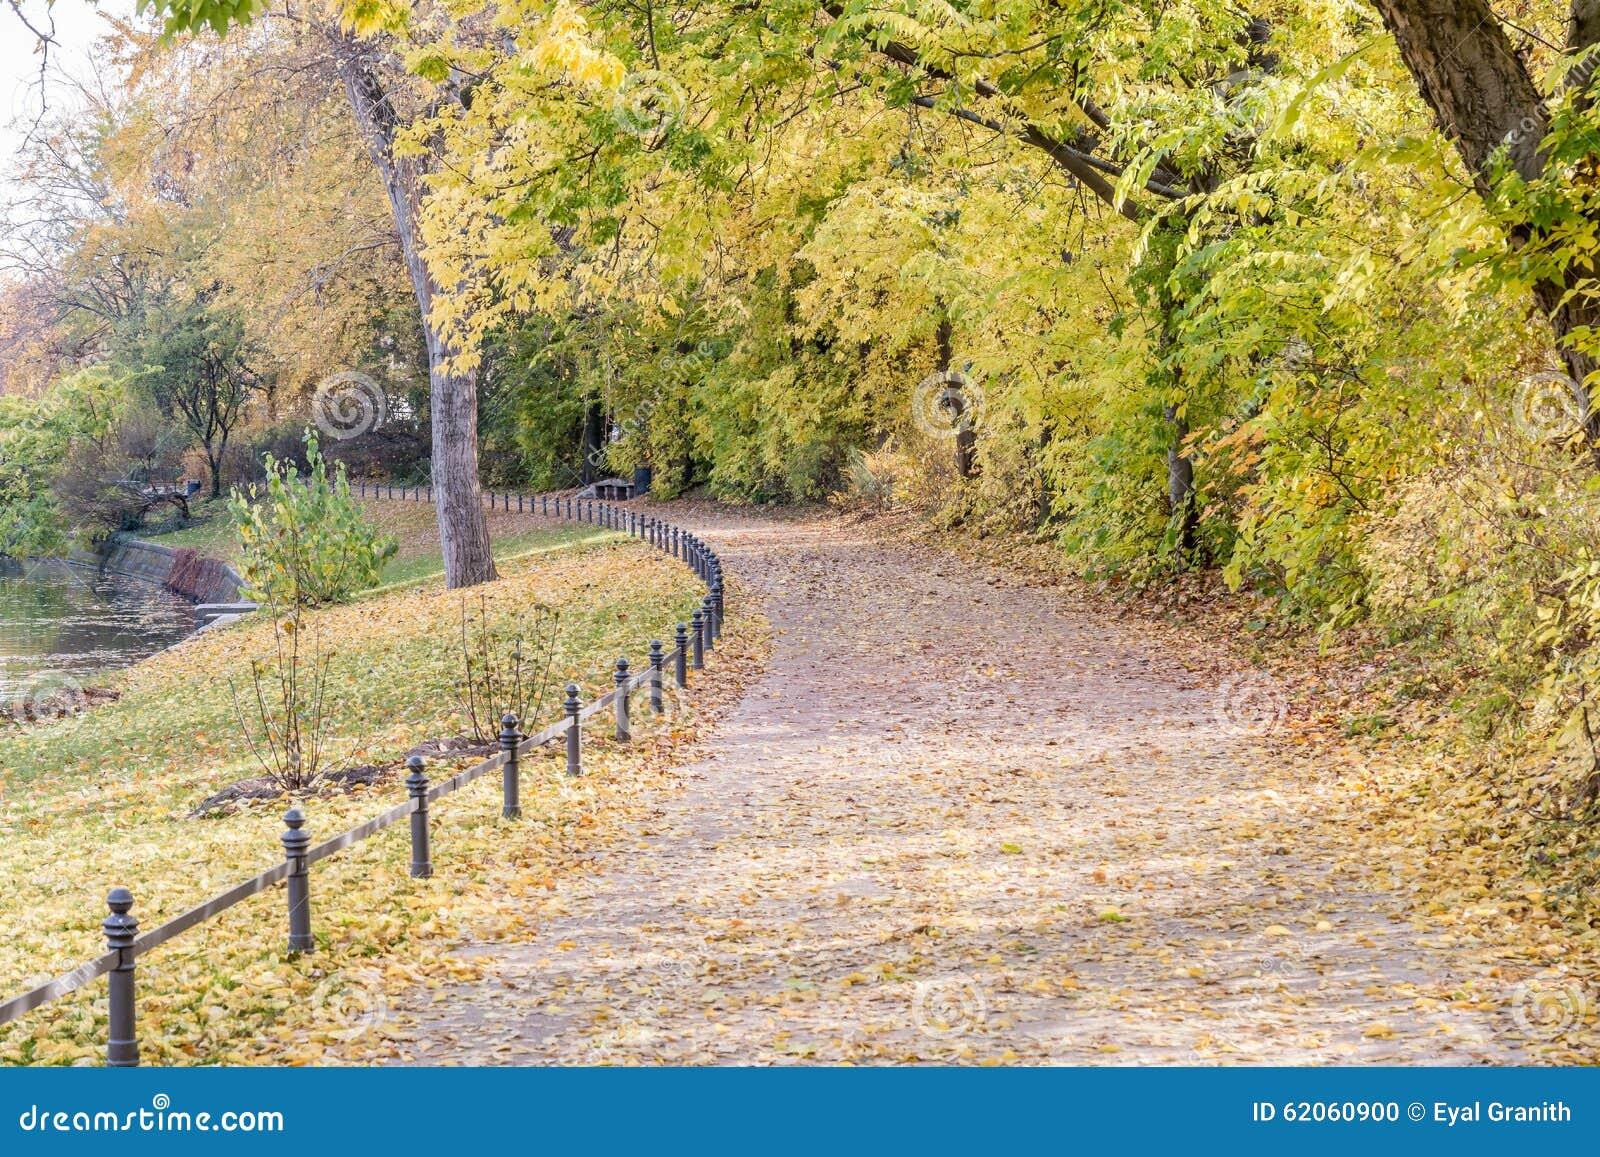 Άποψη φθινοπώρου του ίχνους στην όχθη ποταμού